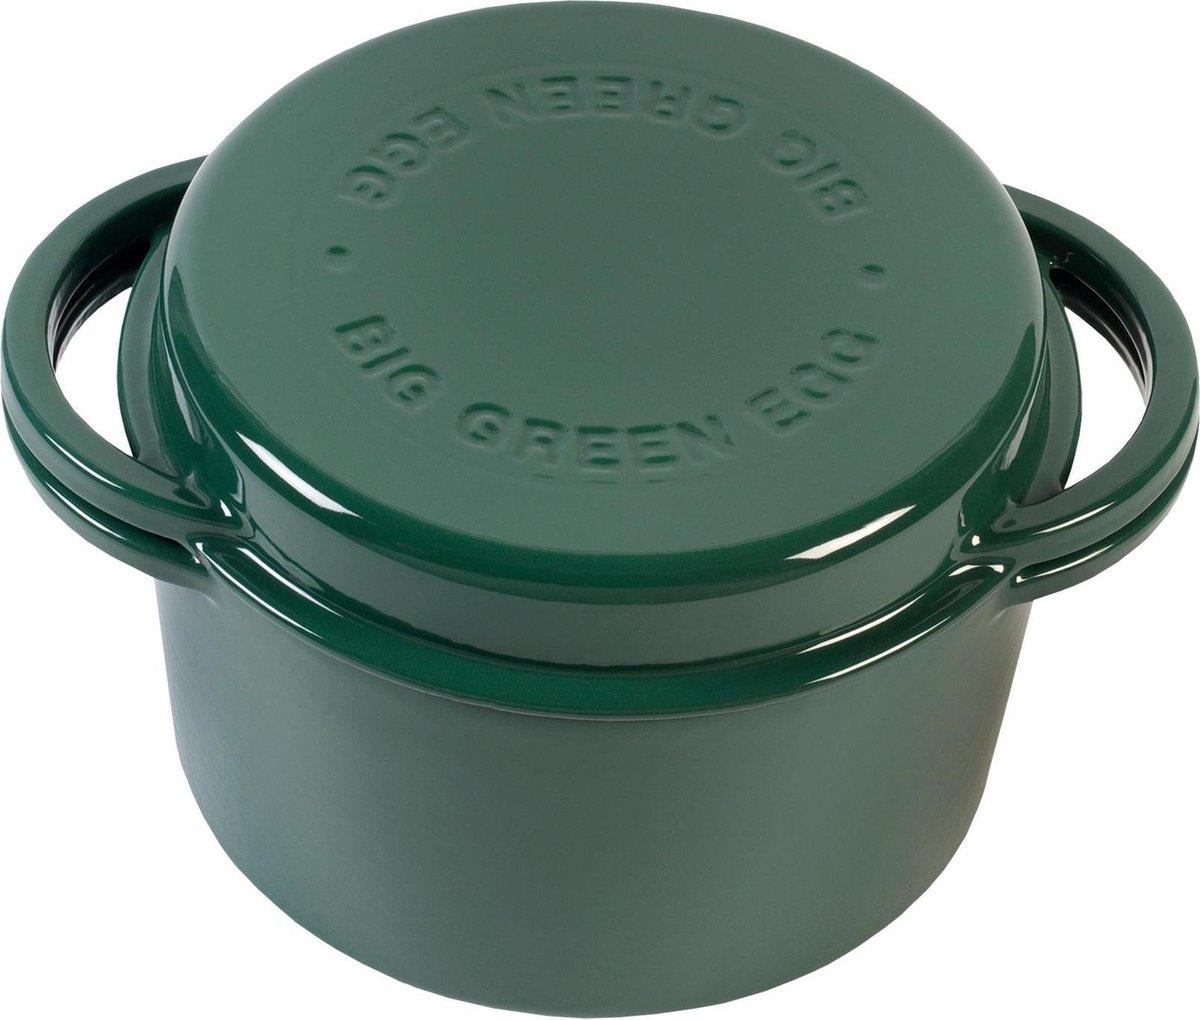 BGE GREEN DUTCH OVEN ( geëmailleerde ronde dutch oven/ braadpan 4 liter)